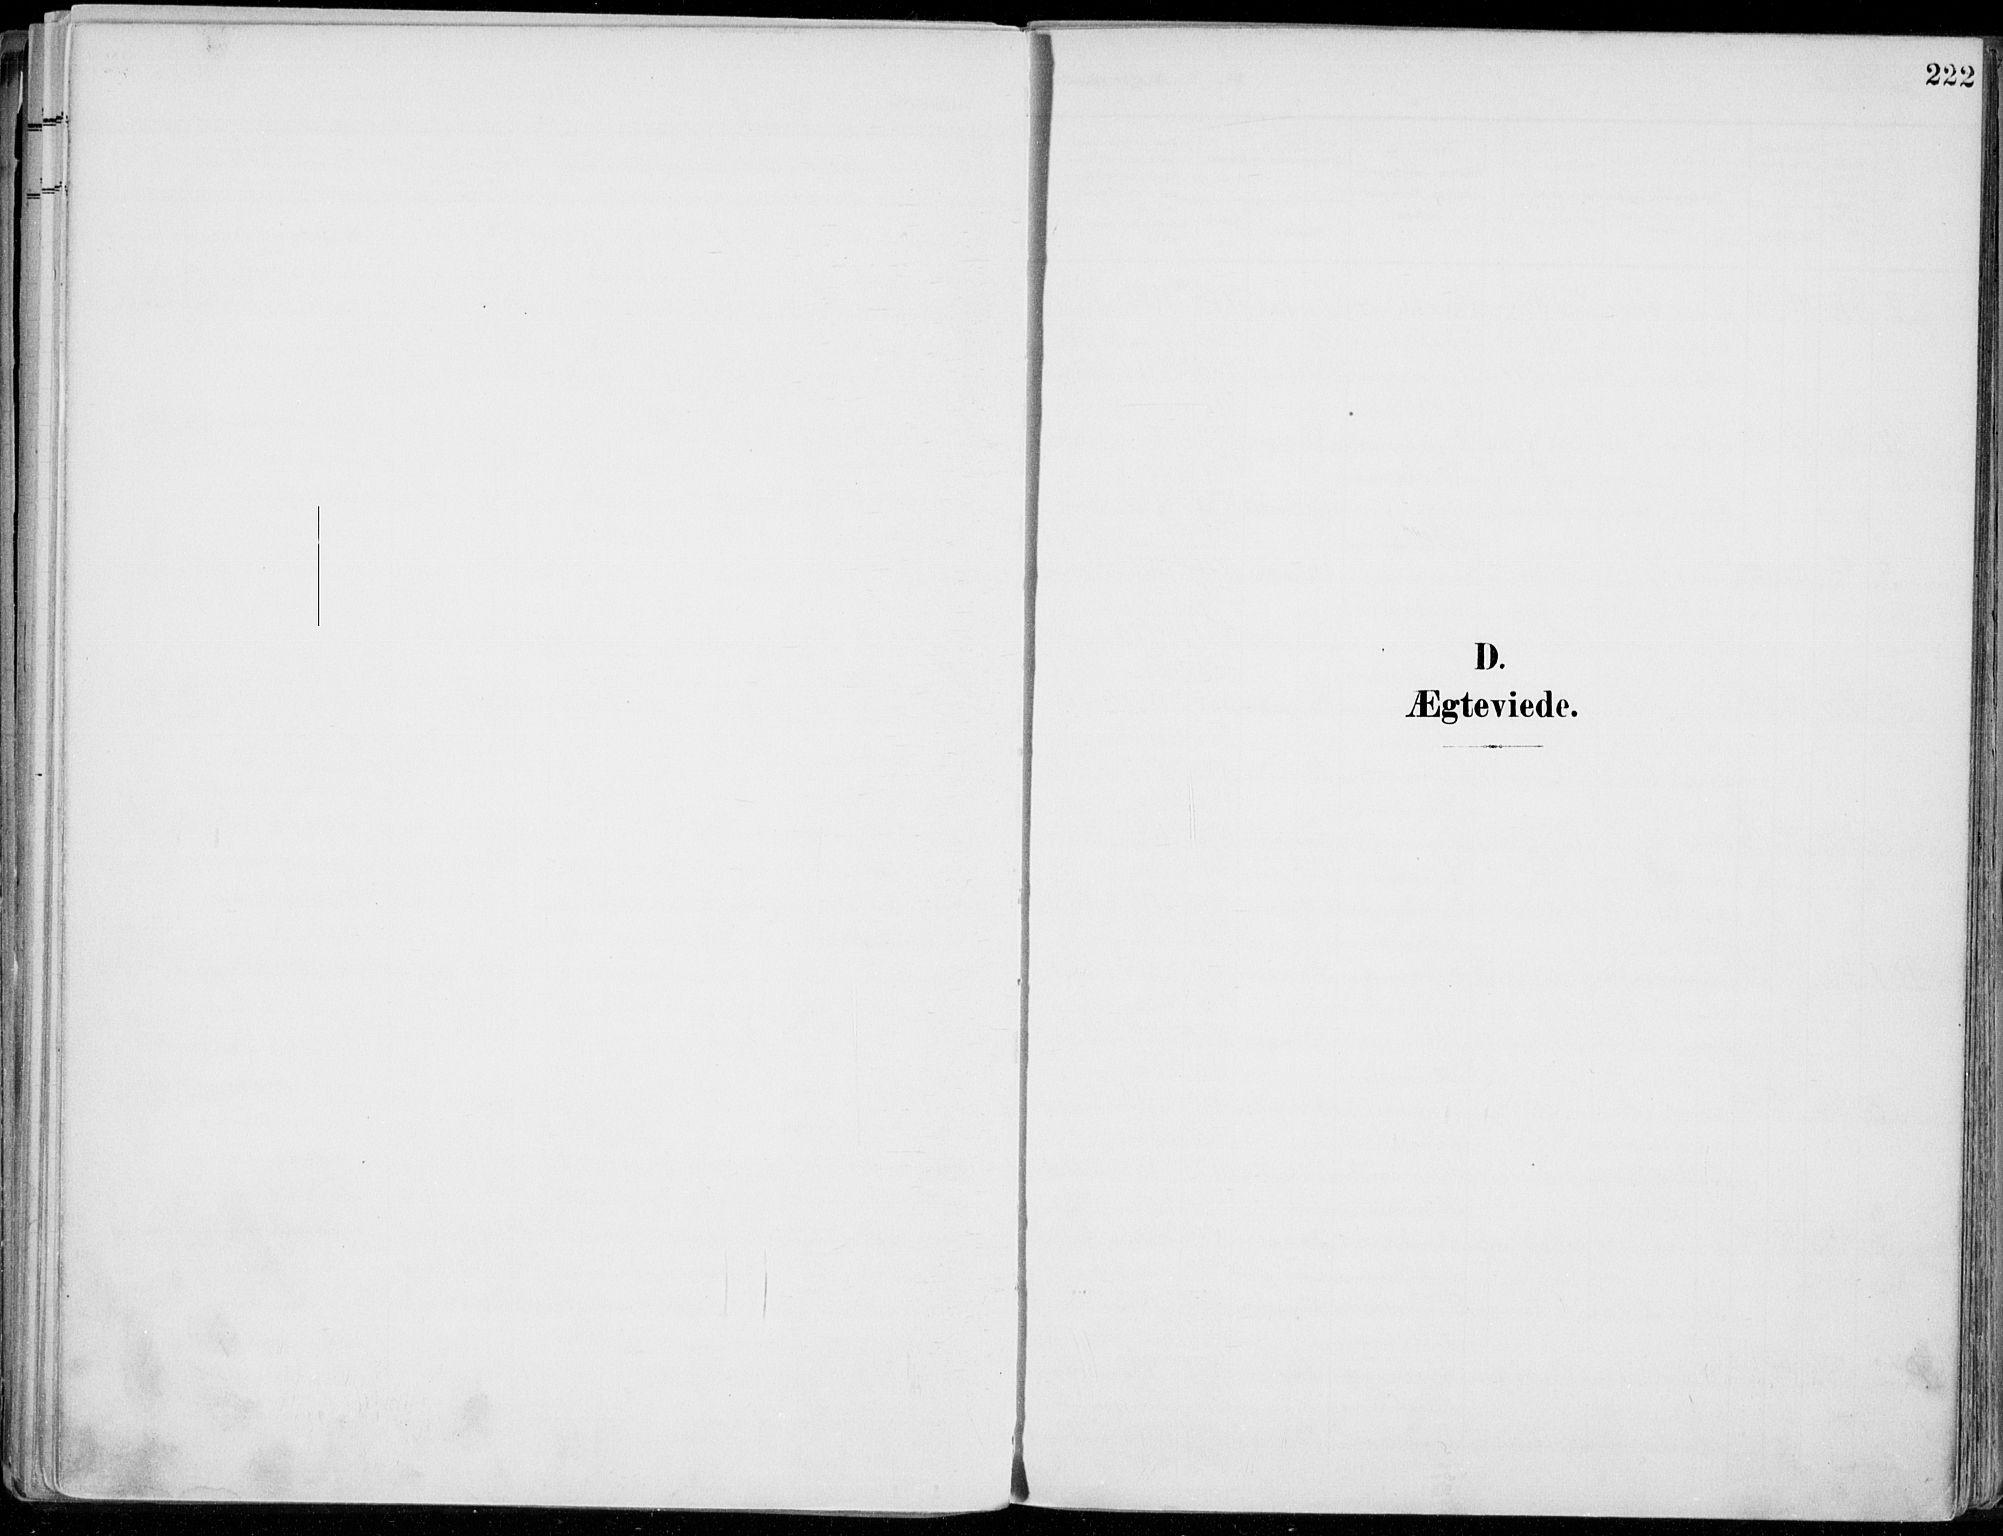 SAH, Lillehammer prestekontor, H/Ha/Haa/L0001: Parish register (official) no. 1, 1901-1916, p. 222